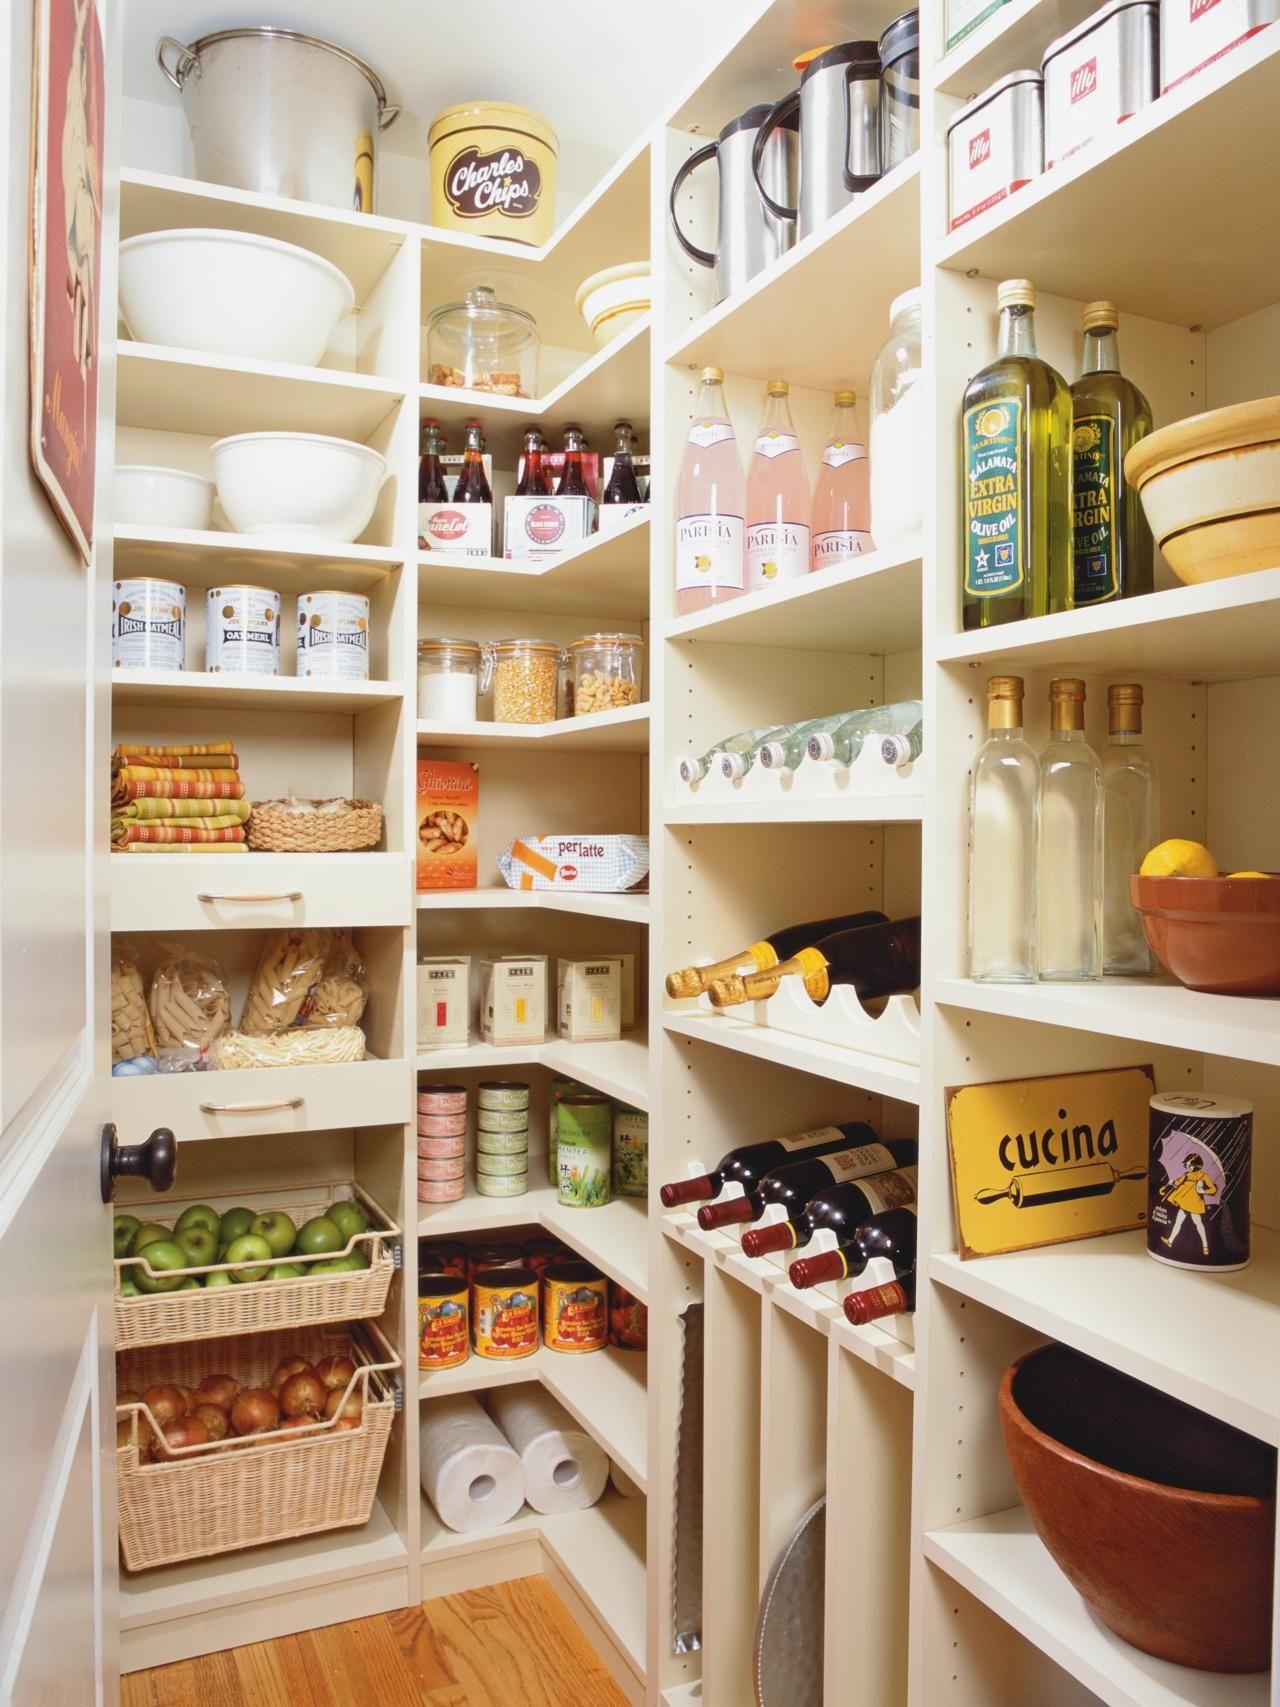 Kitchen Storage Ideas Speisekammer Speicher Kuchenaufbewahrung